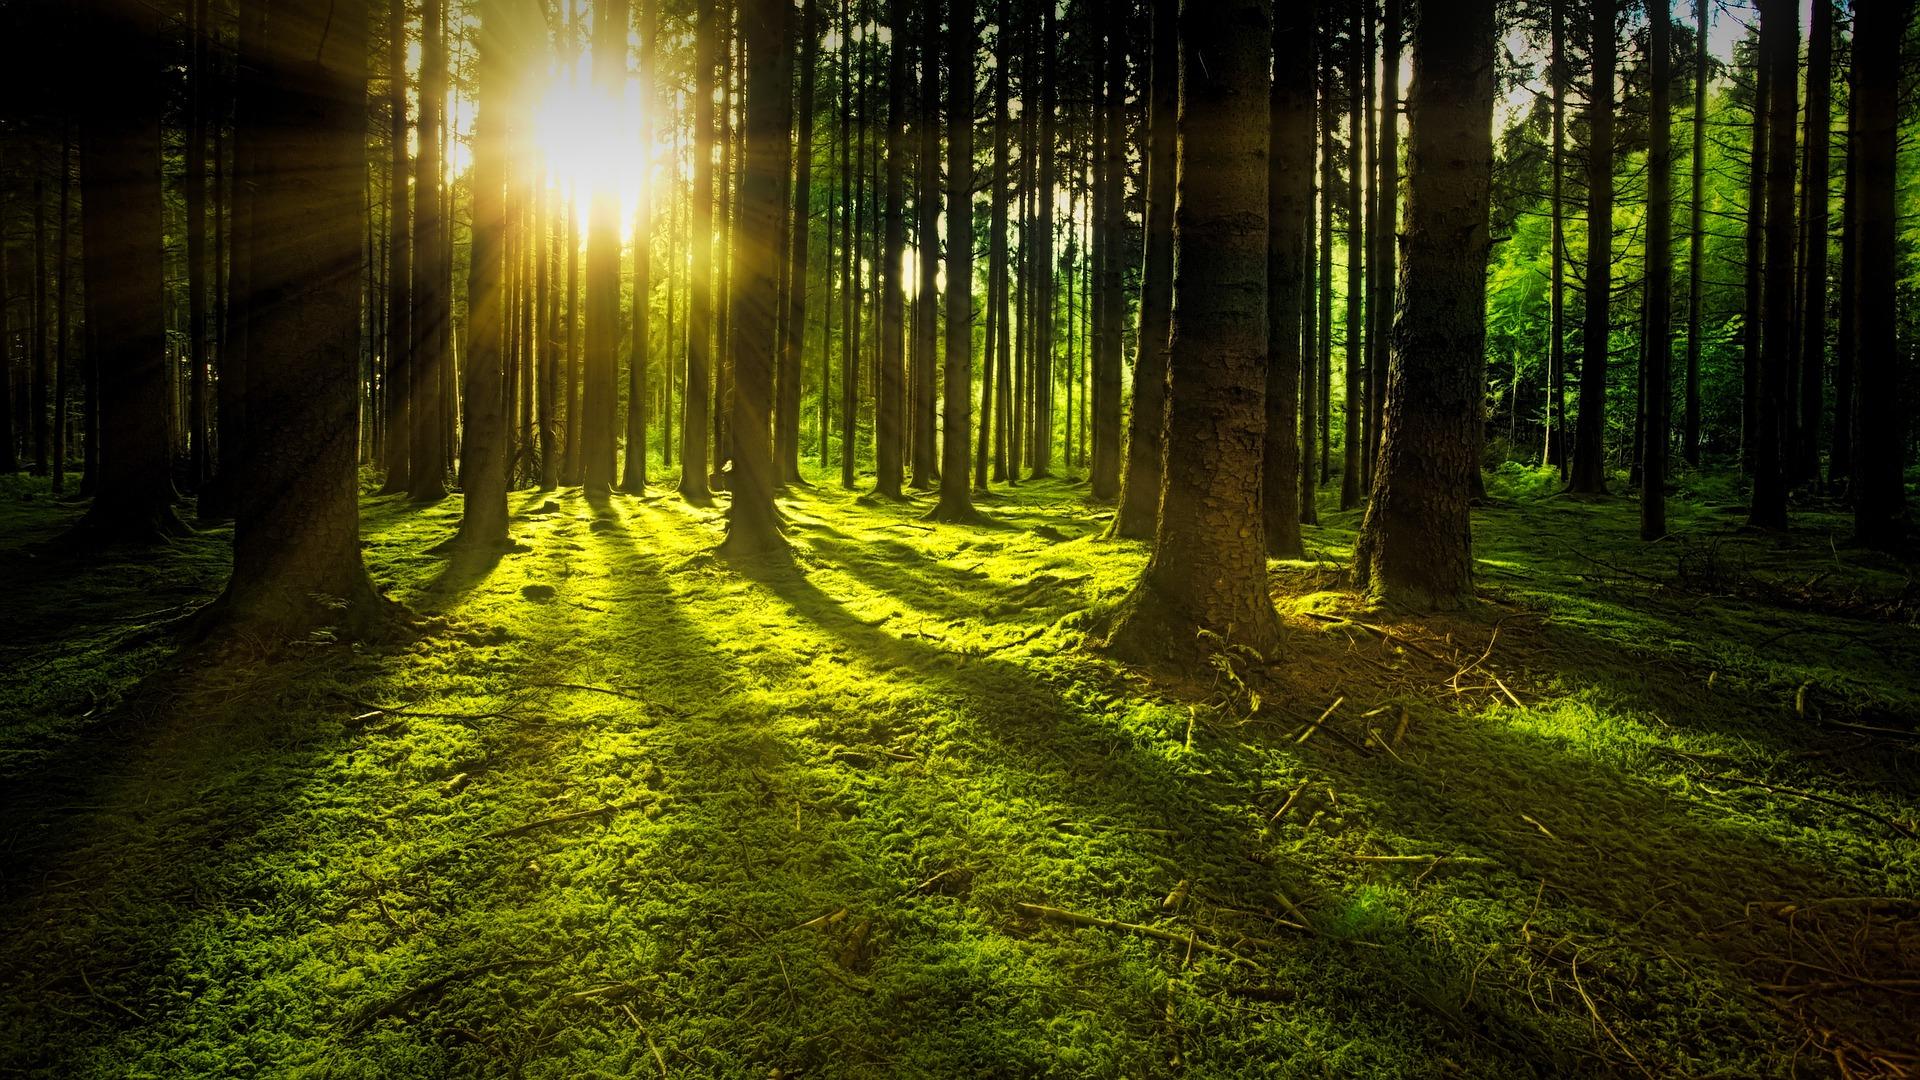 Exploring Random Forests